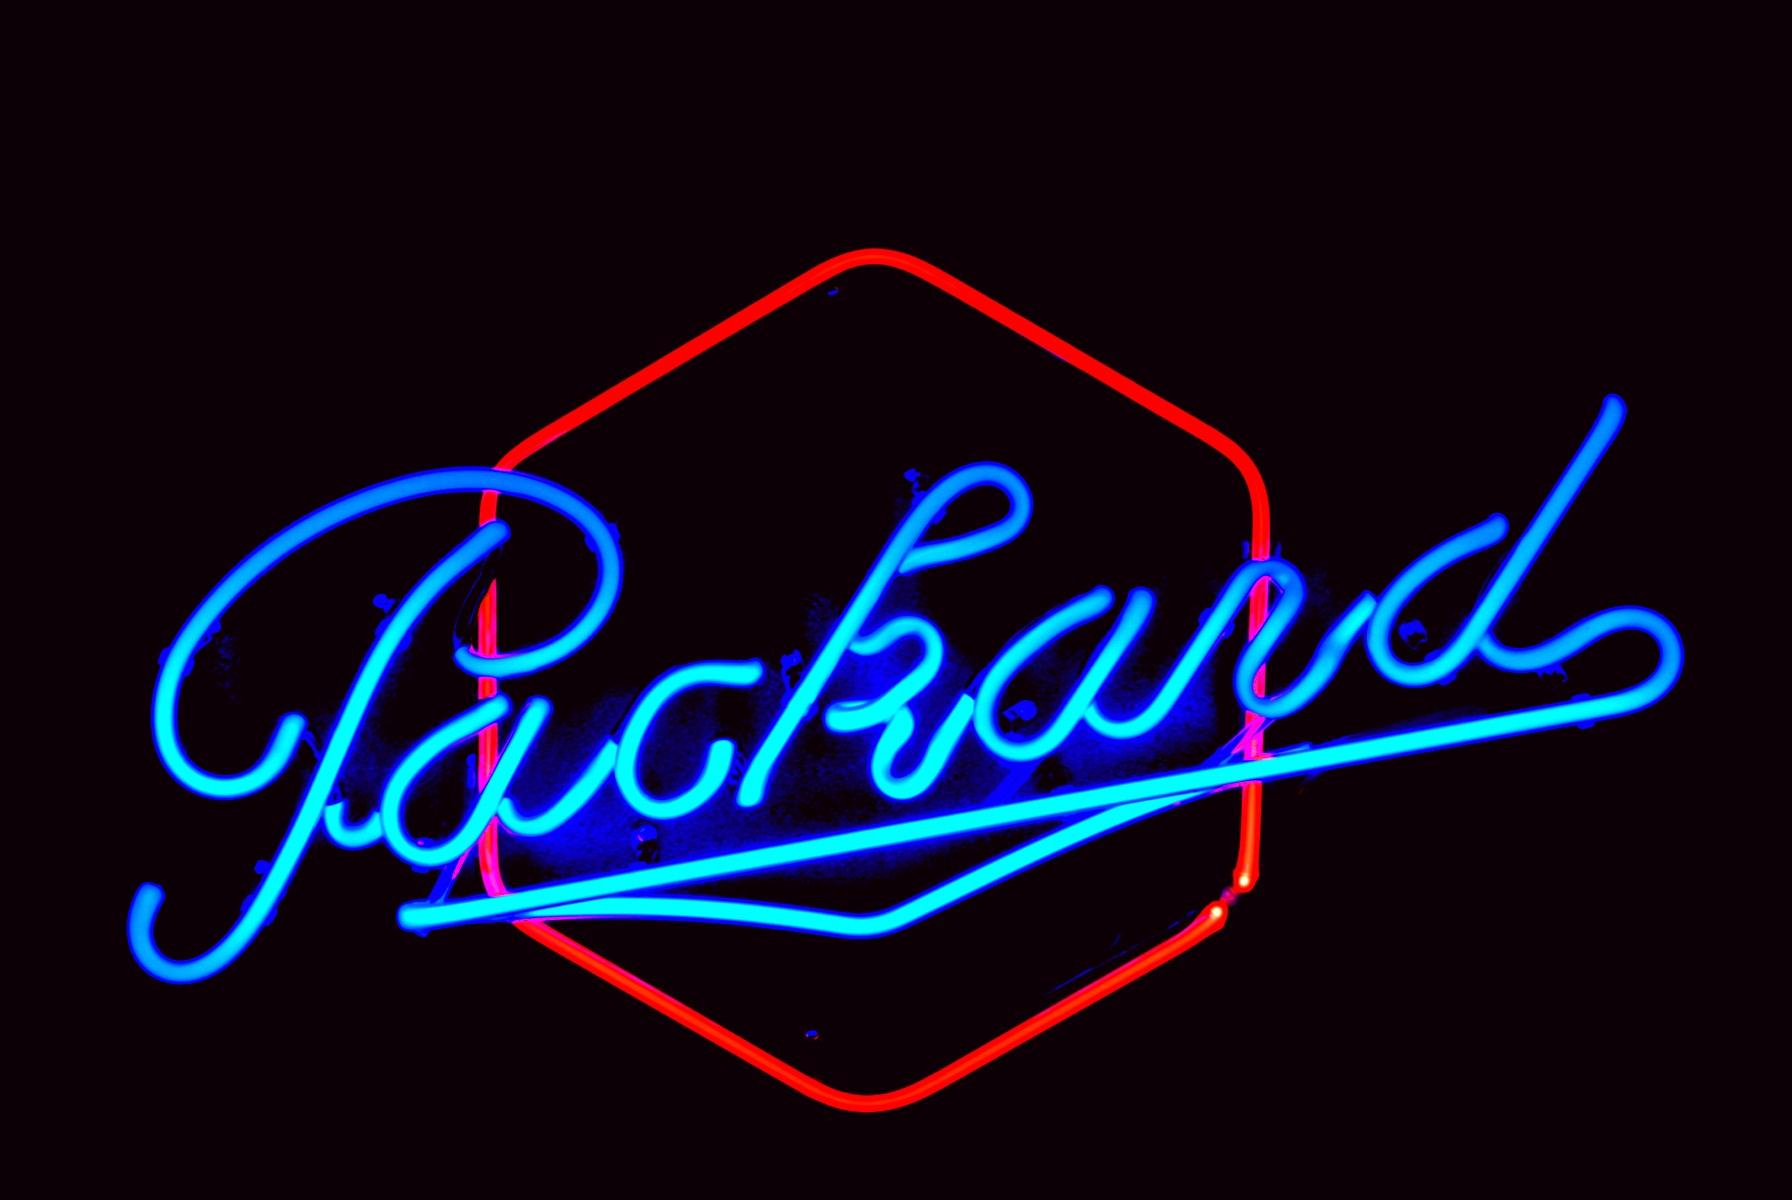 Packard Neon Dealership Signs by John Barton - former Packard New Car Dealer